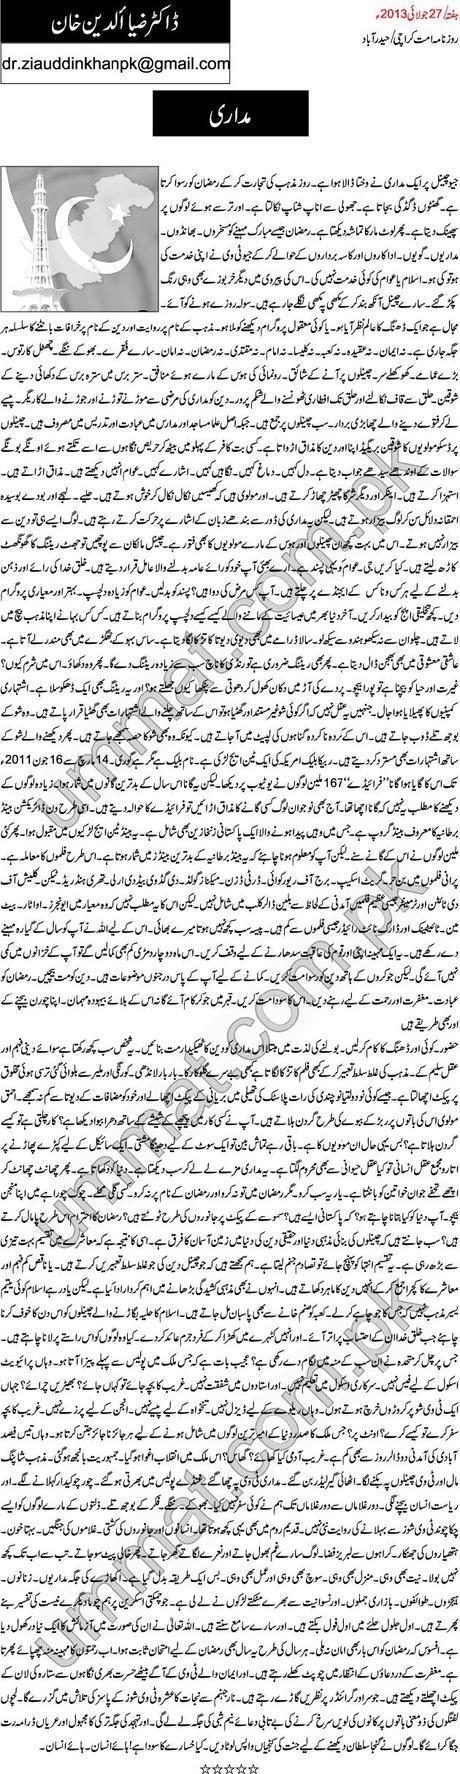 dr. zia uddin column against amir liaquat ummat newspaper